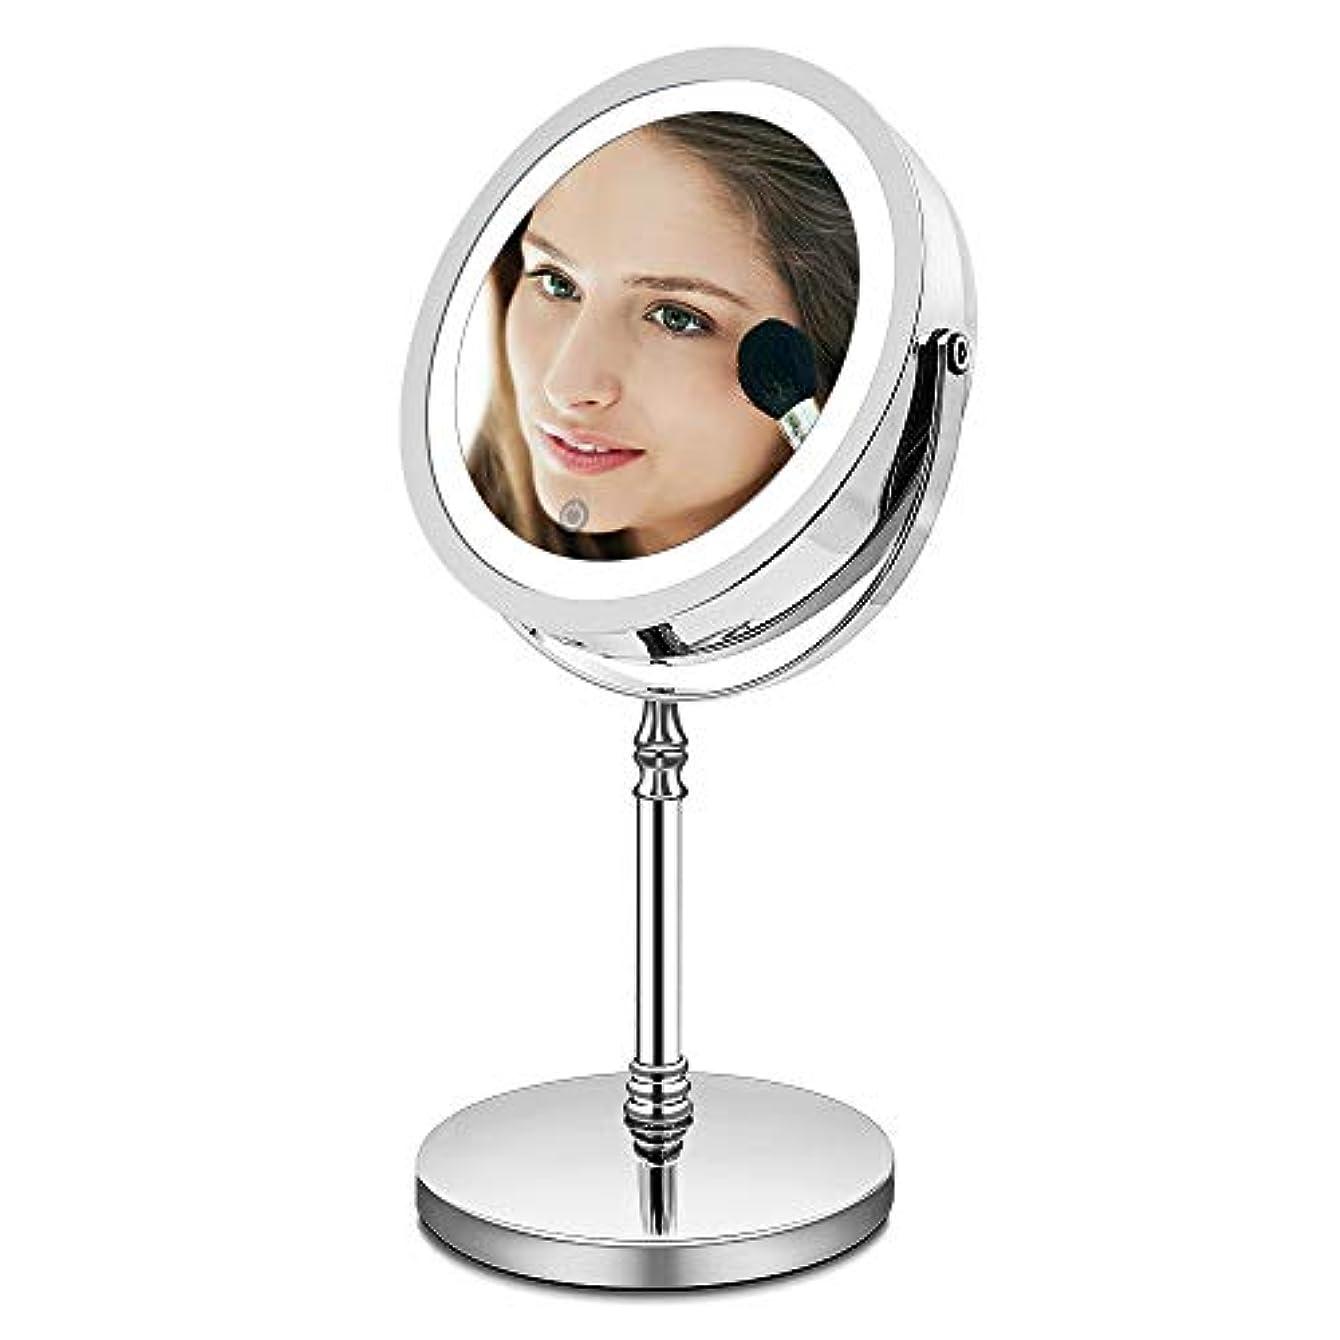 王位パシフィック拷問AMZTOLIFE 10倍拡大鏡+等倍鏡 化粧鏡 ライト付き 卓上鏡 ミラー 鏡 化粧ミラー メイクアップミラー スタンドミラー 360度回転 明るさ調節 日本語取扱説明書付き (タイチー)